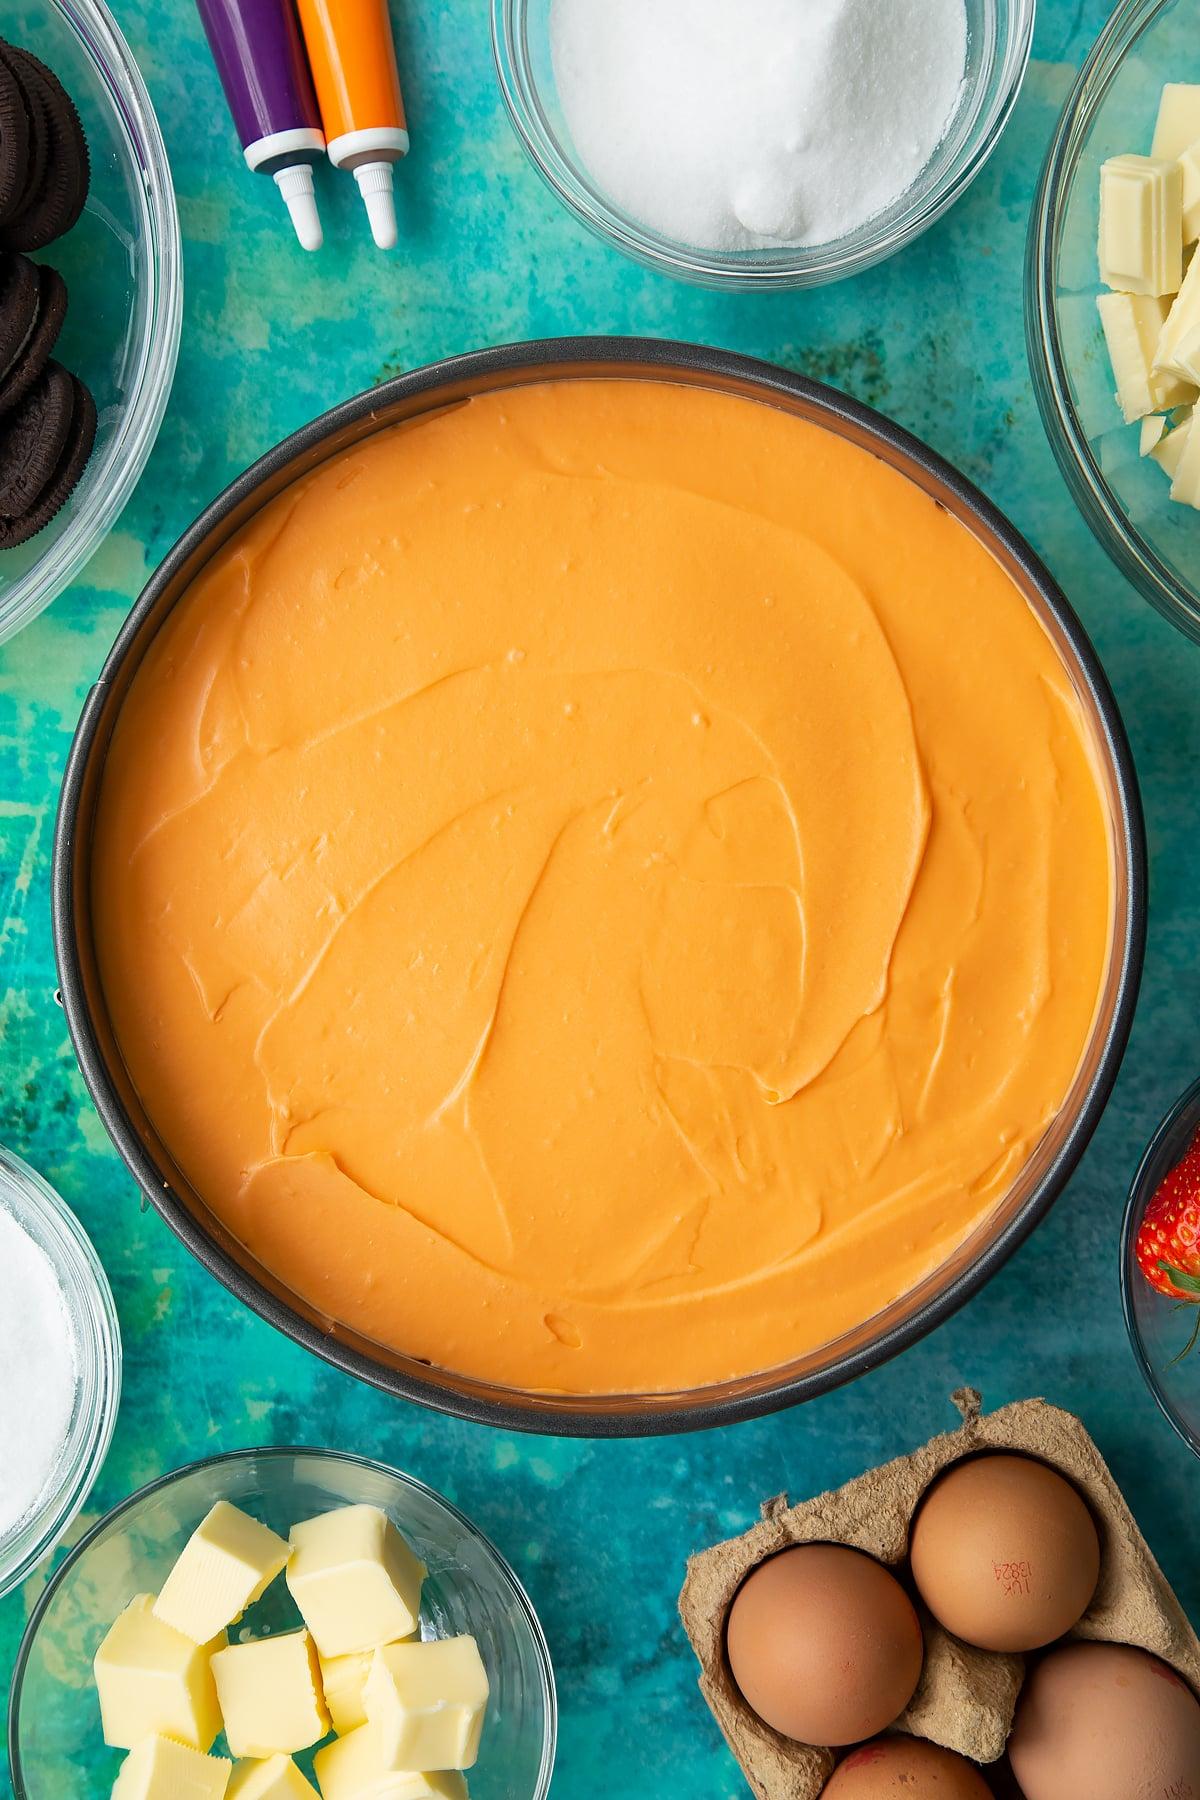 Orange cheesecake in a tin. Ingredients to make Halloween cheesecake surround the tin.